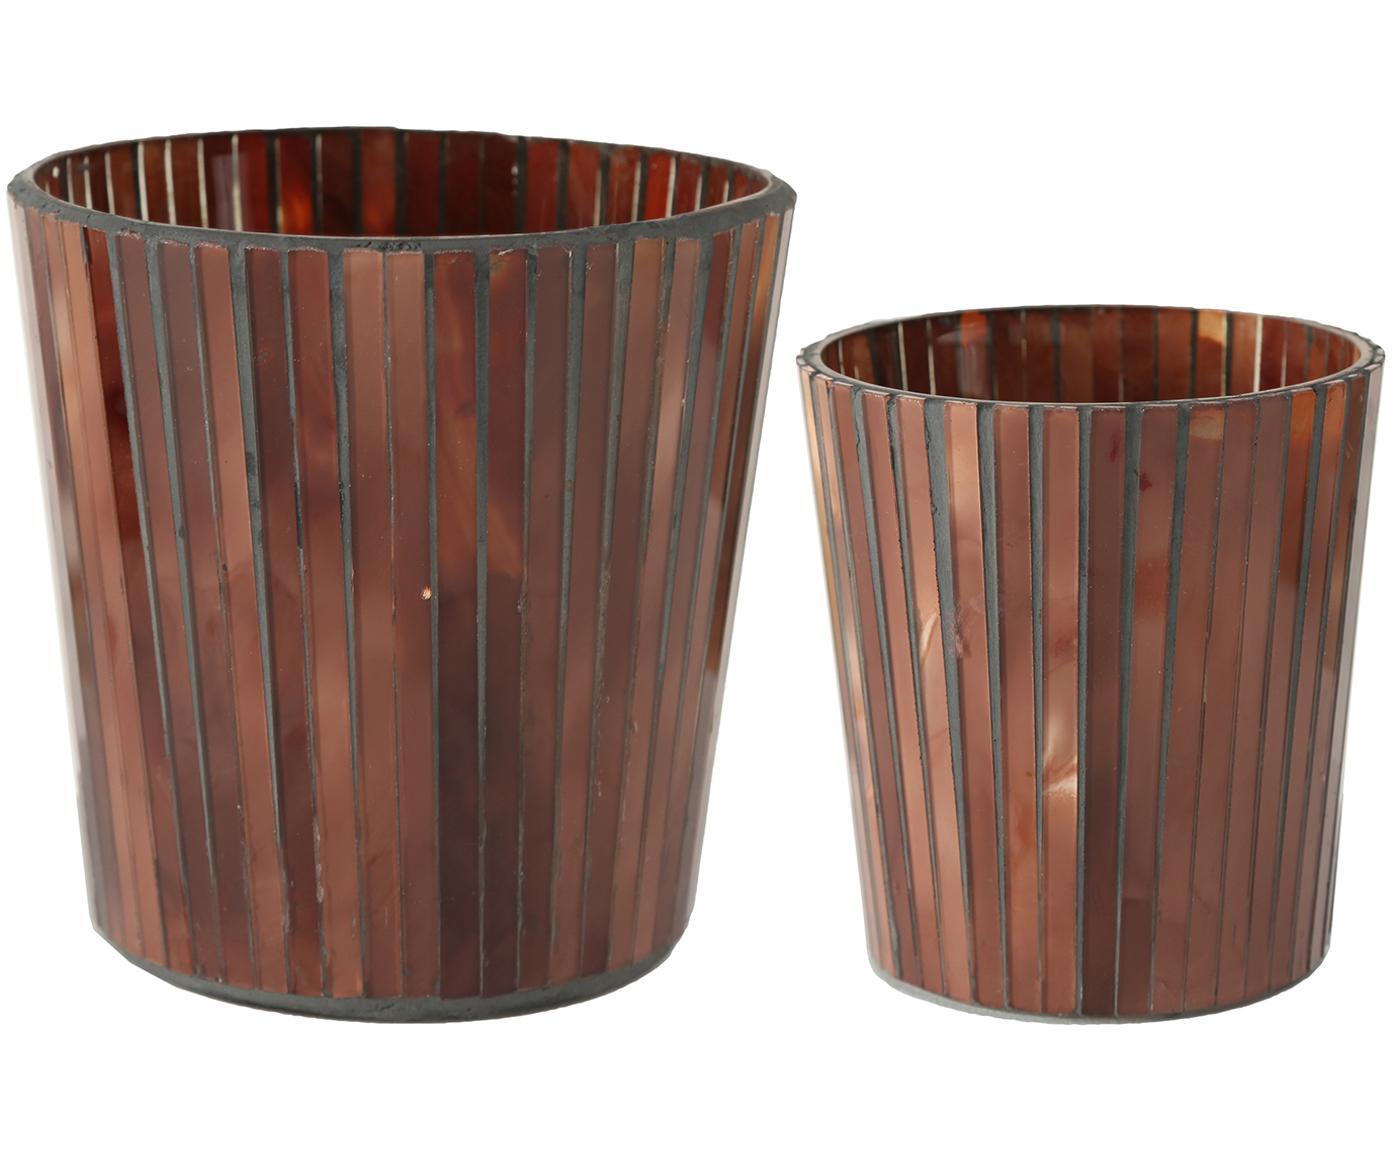 Windlichter-Set Ellis, 2-tlg., Glas, lackiert, Braun, Sondergrößen